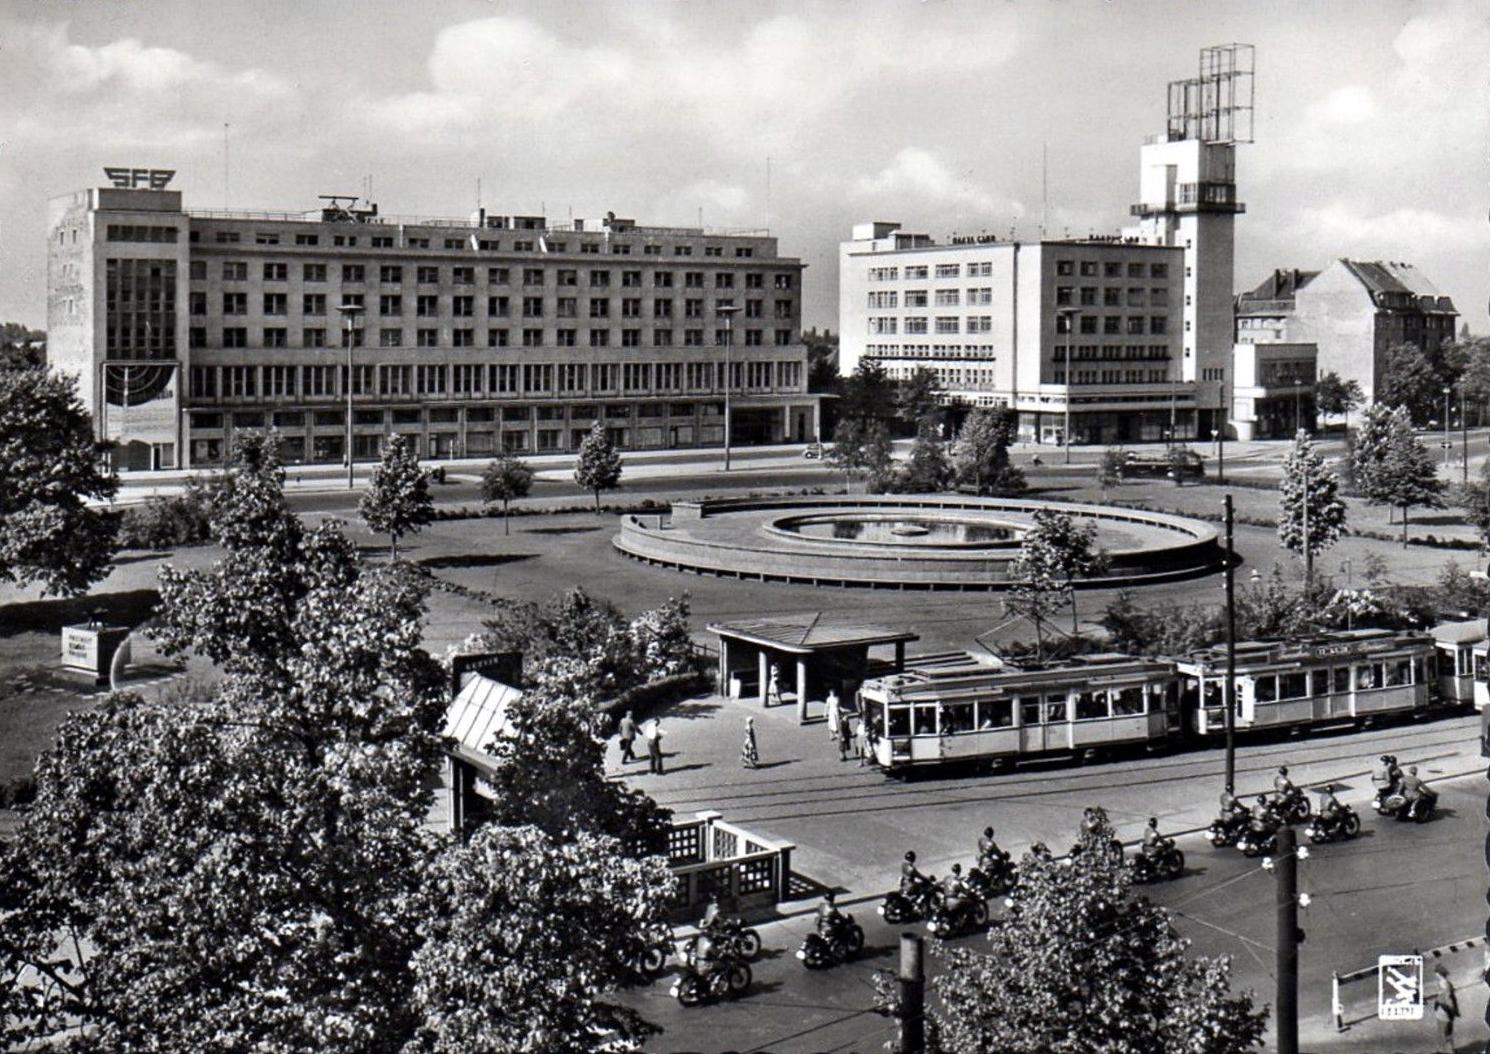 transpress nz tram in reichskanzlerplatz berlin 1920s. Black Bedroom Furniture Sets. Home Design Ideas